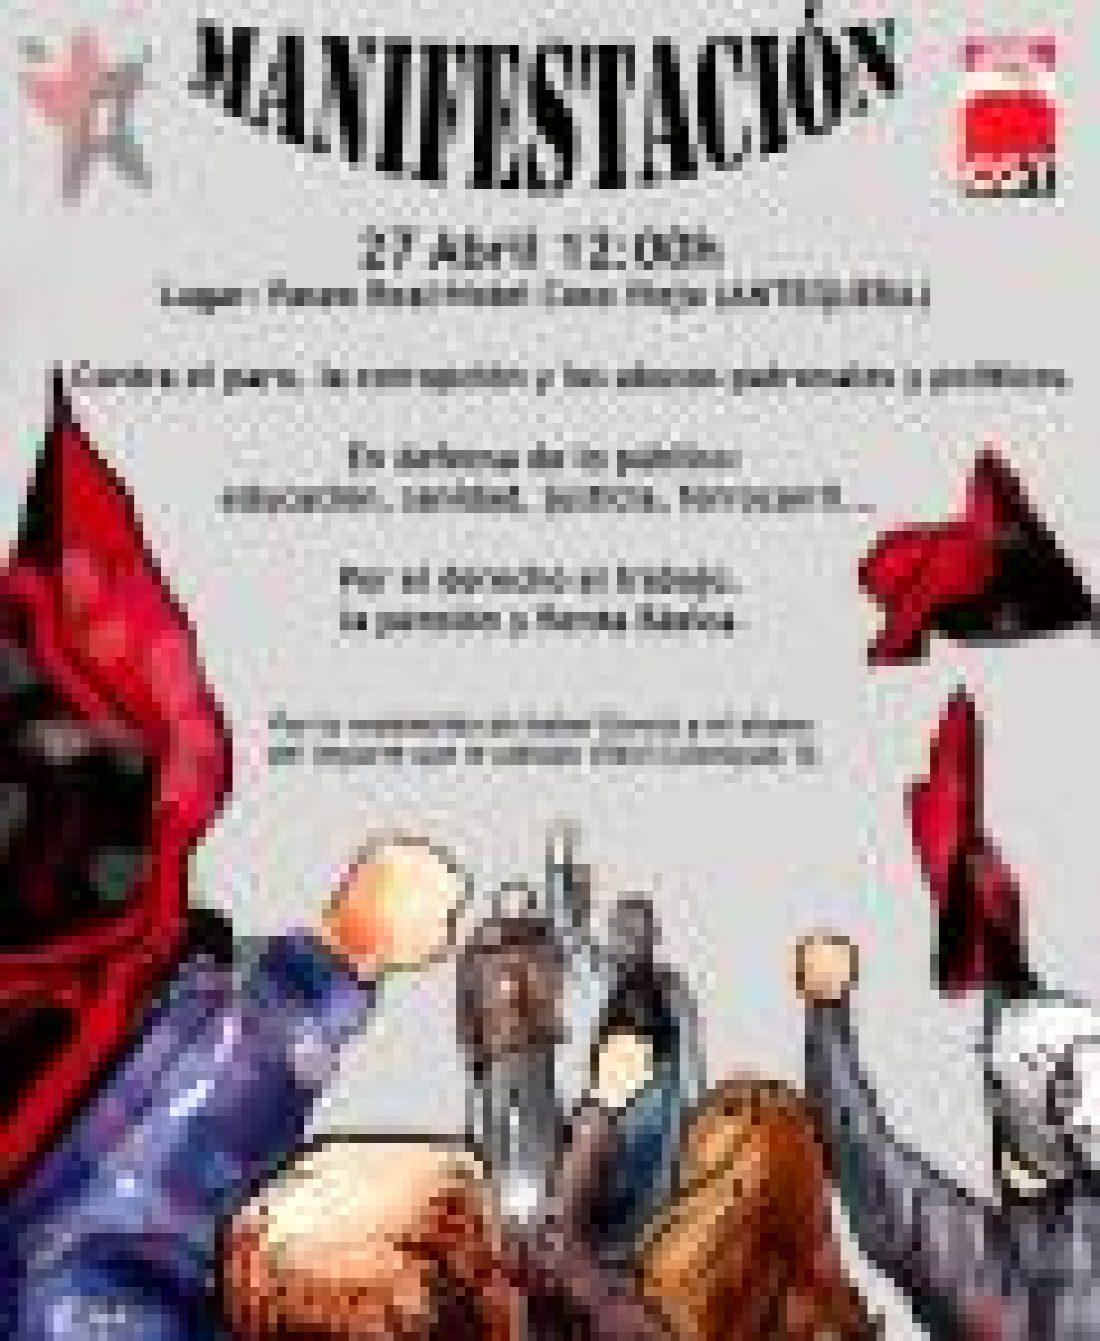 CGT llama a participar en la manifestación 27 abril en Antequera